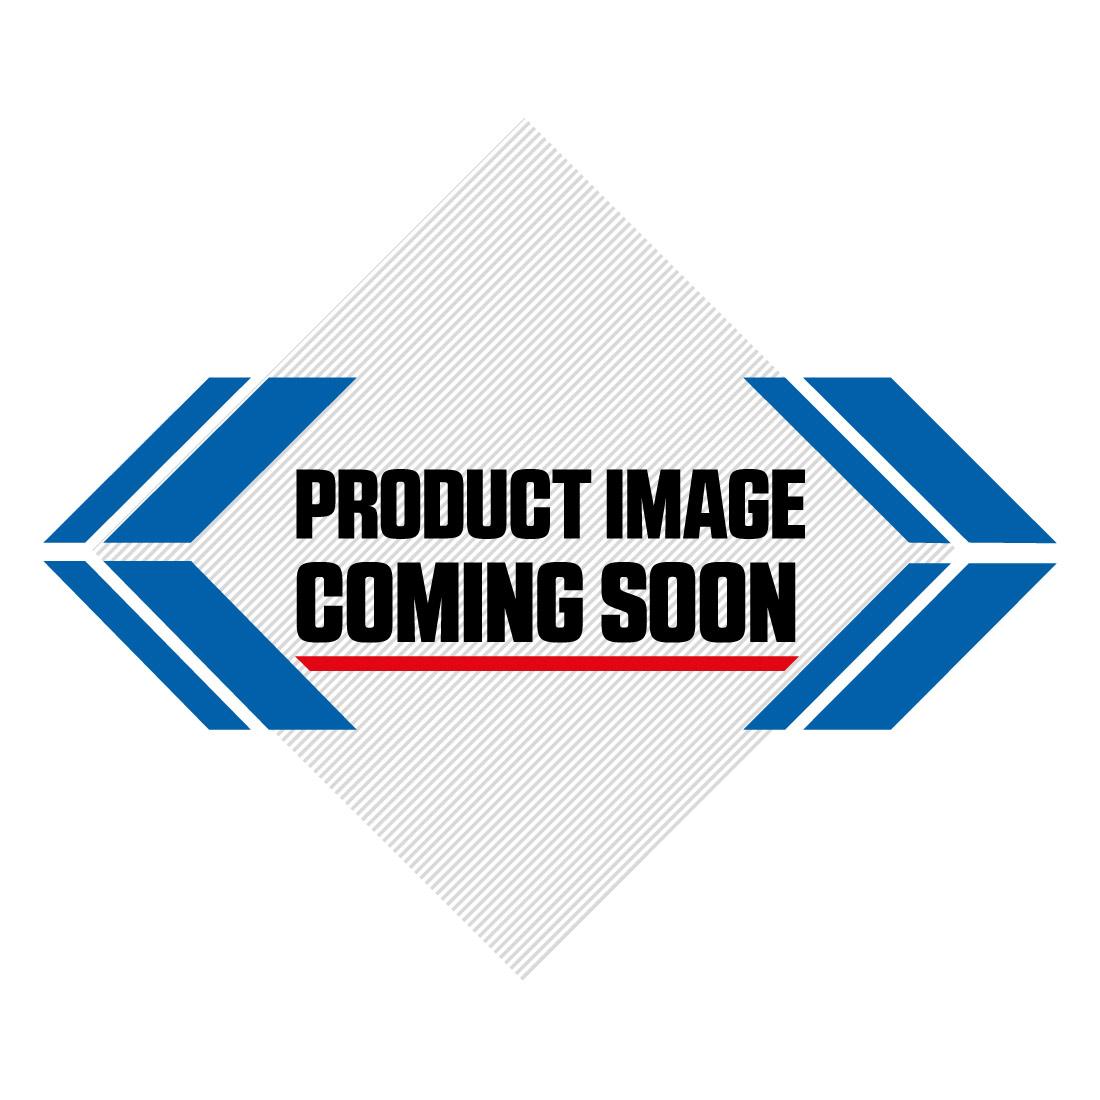 UFO KTM Plastic Kit SX 125 150 250 SXF 250 350 450 (16-18) Black Image-5